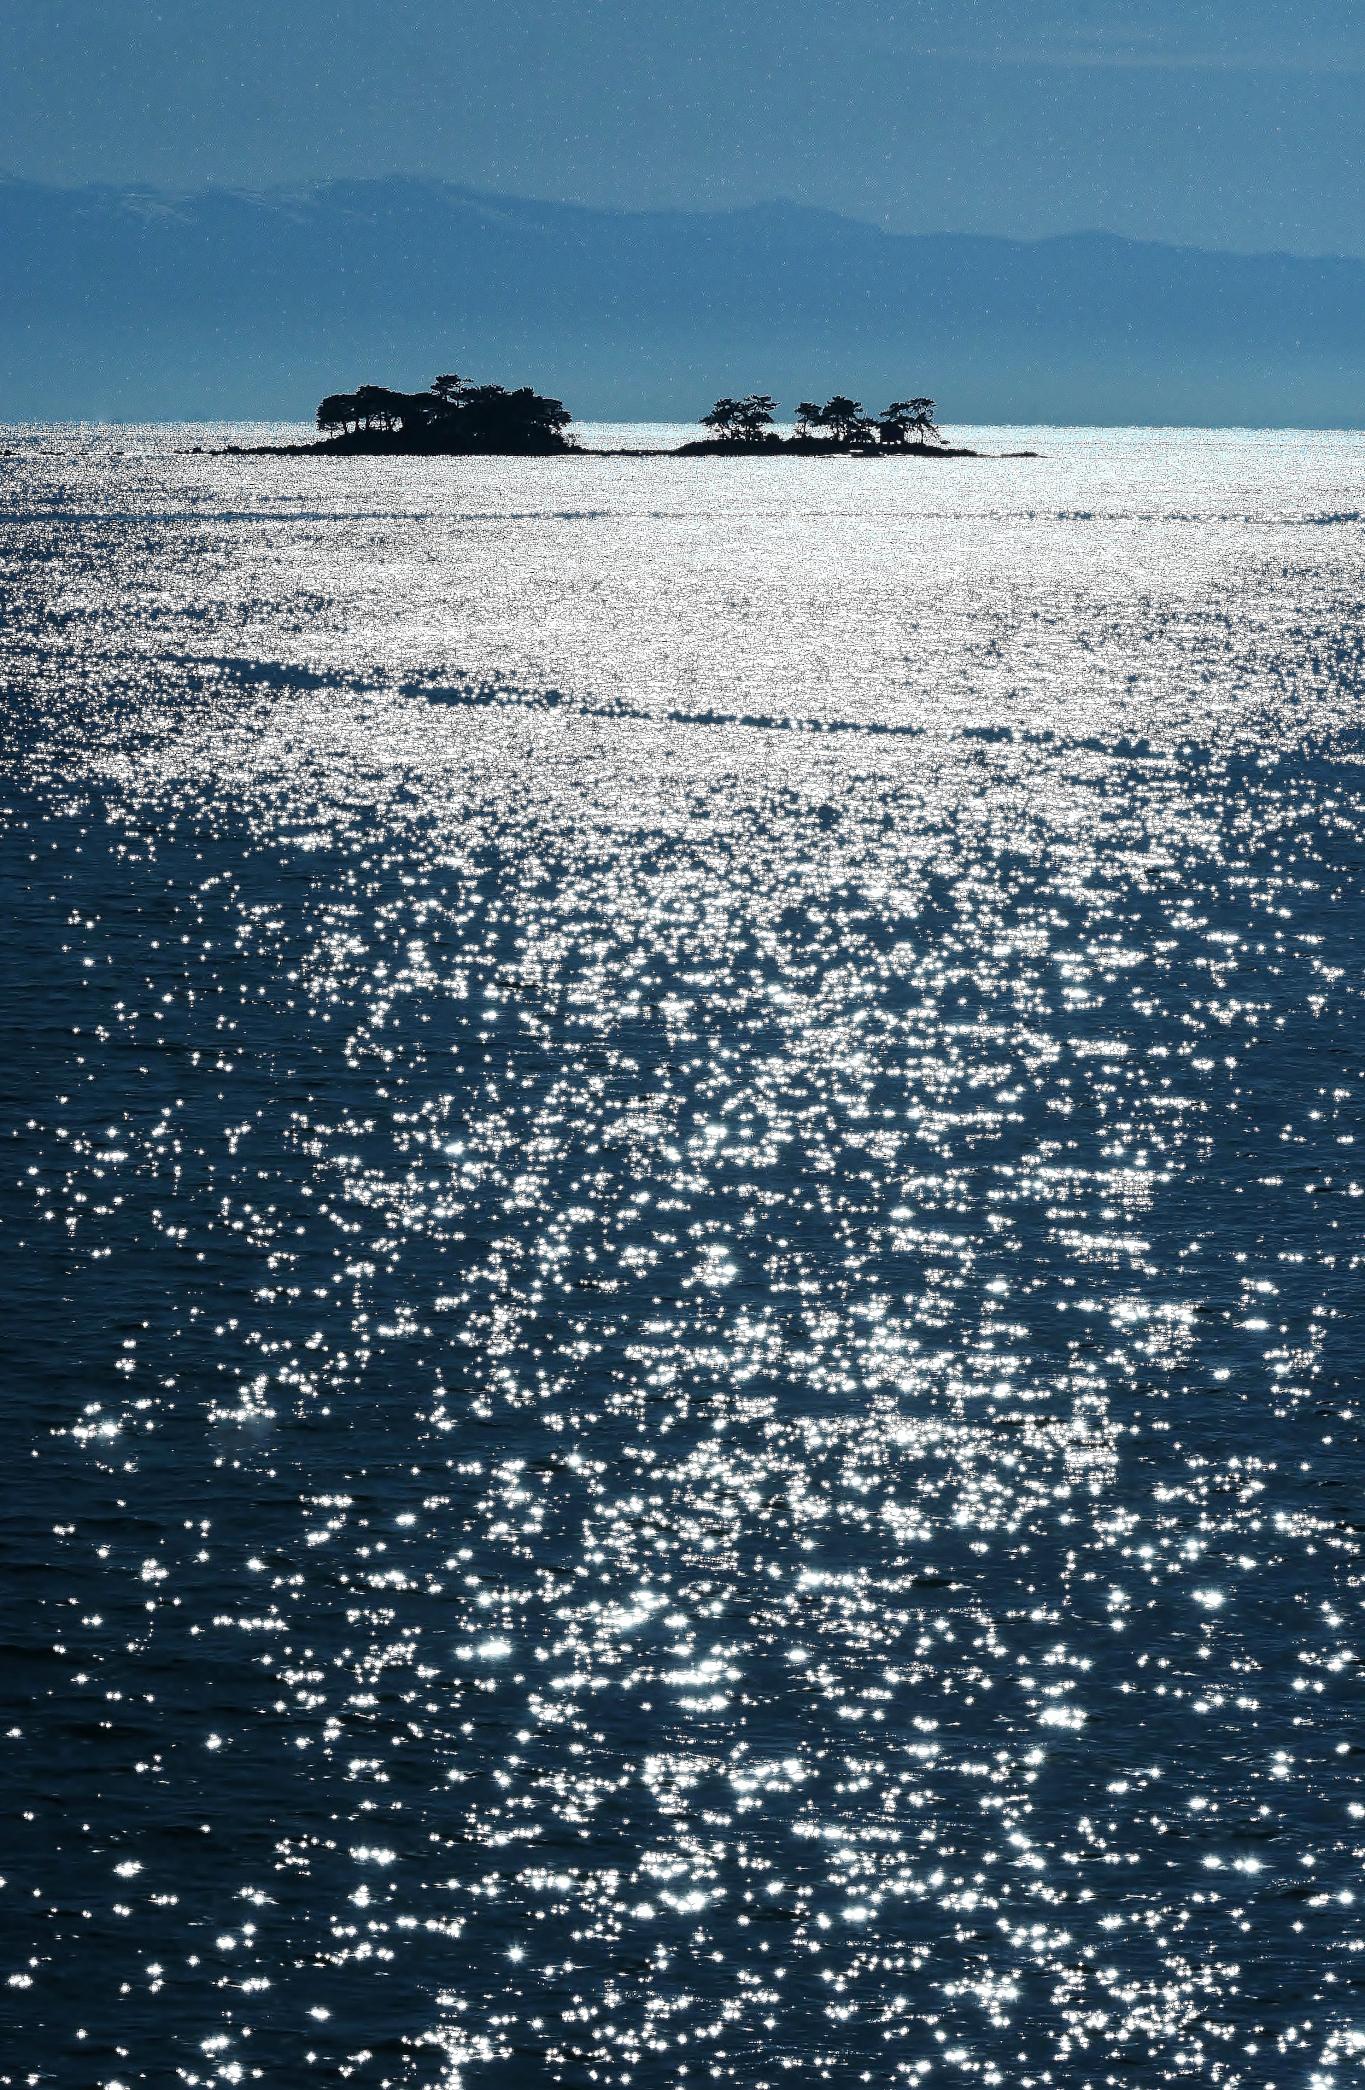 紺碧の海原に浮かぶ虻が島